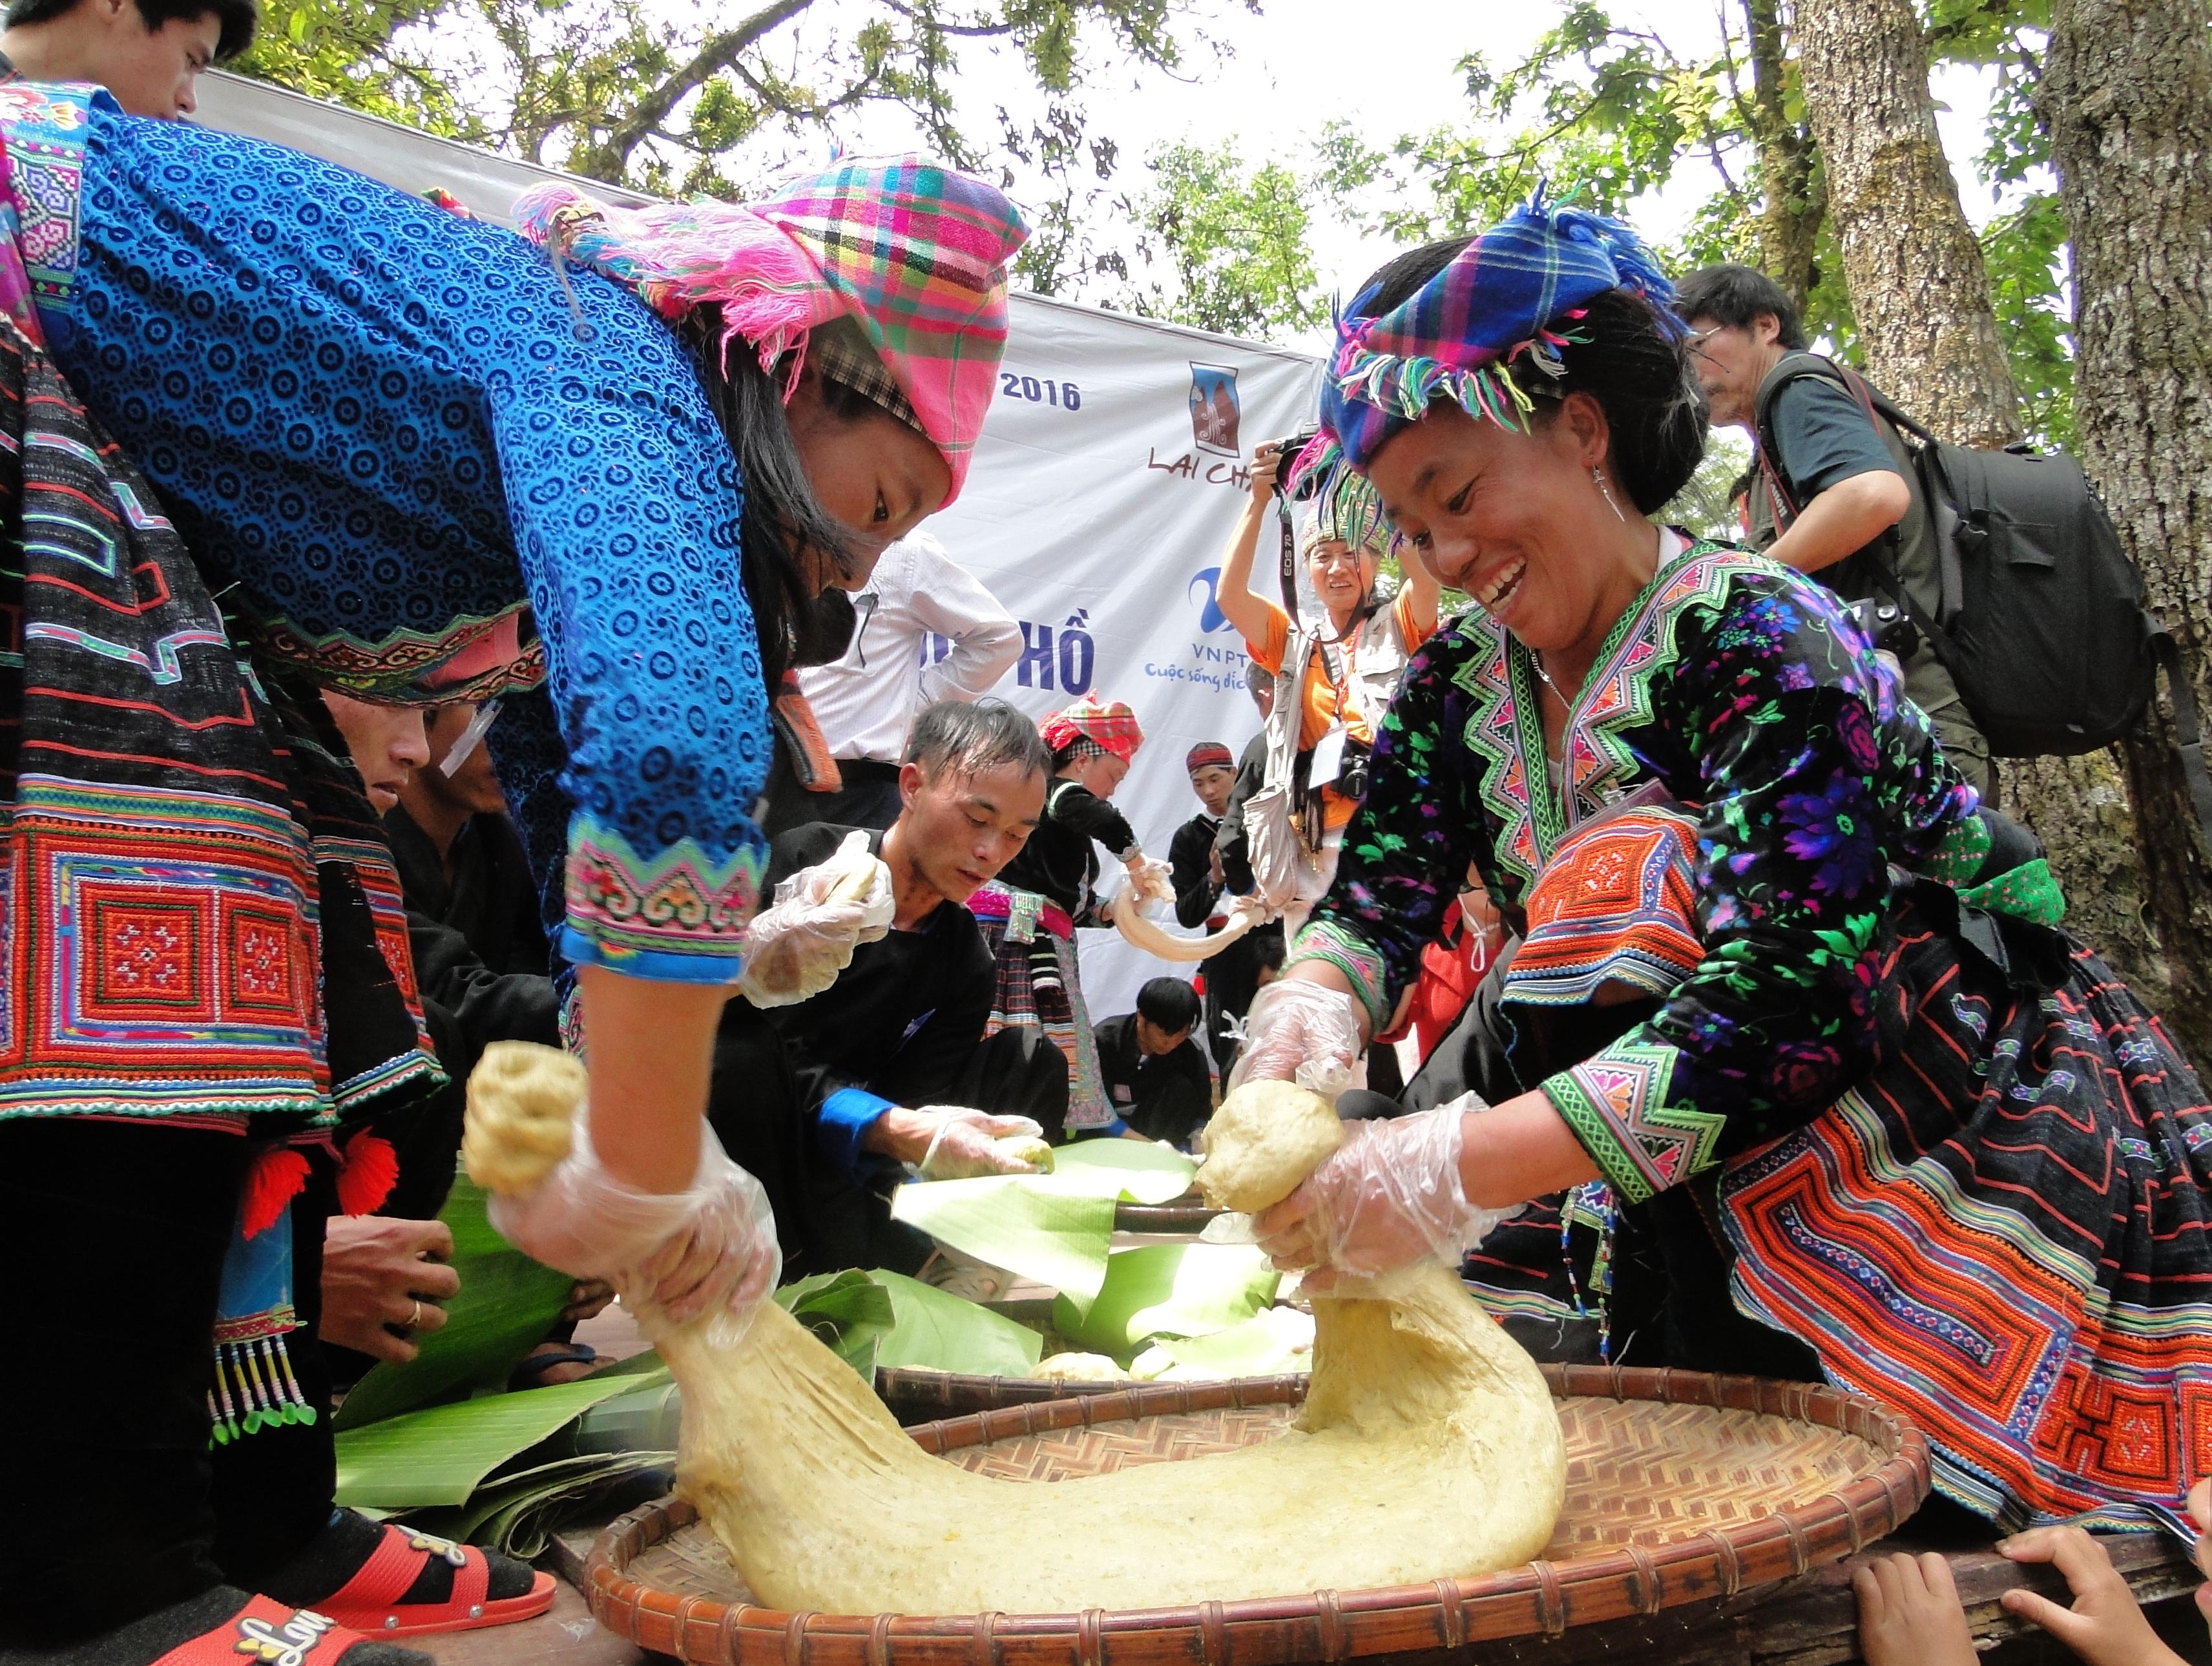 Du lịch Sơn La, đừng quên thưởng thức đặc sản bánh dày thơm ngon nức tiếng vùng Tây Bắc  - Ảnh 7.